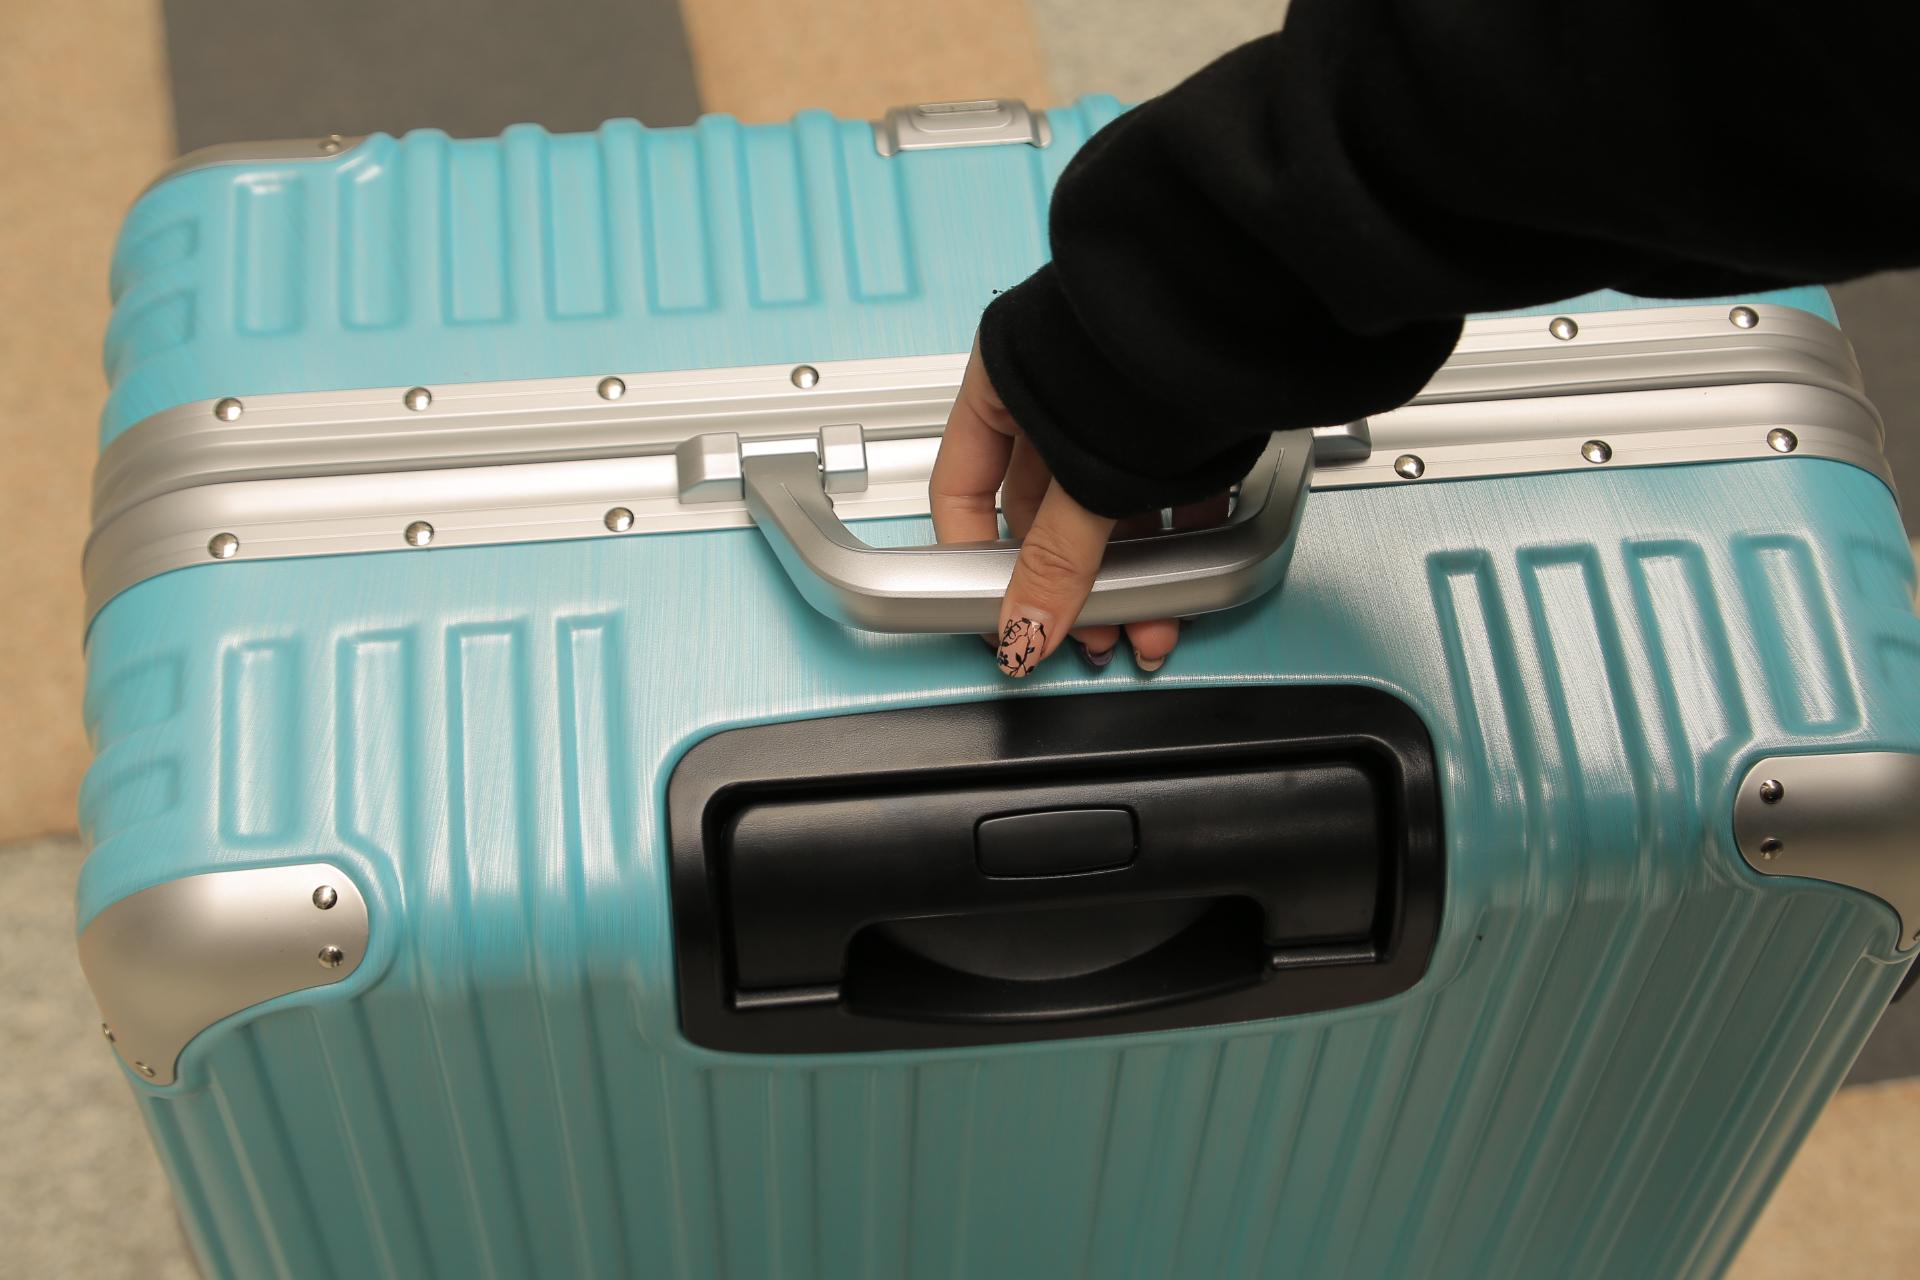 【限時團購破盤價】德國NaSaDen納莎登行李箱,林德霍夫系列,無憂系列 @小環妞 幸福足跡